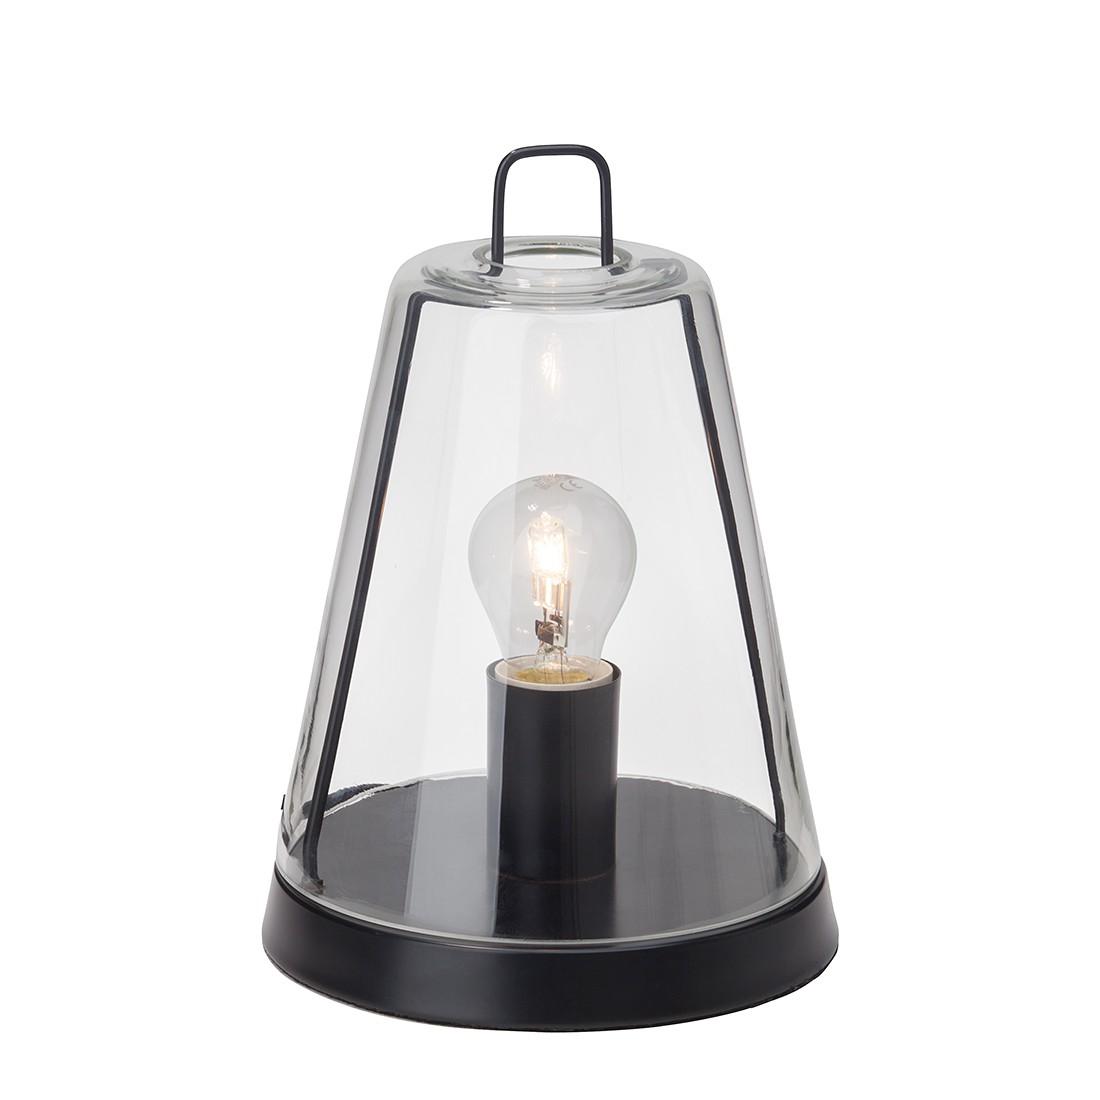 stufa handy heater al prezzo migliore casa migliore prezzi opinioni recensioni offerte. Black Bedroom Furniture Sets. Home Design Ideas